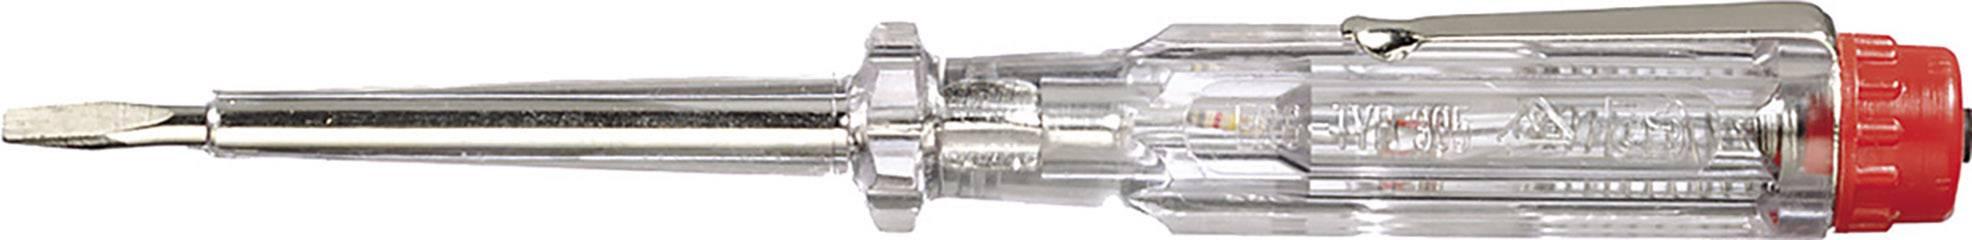 Fázová zkoušečka Wiha SB2553, čepel 60 mm, 3 mm, 220 - 250 V